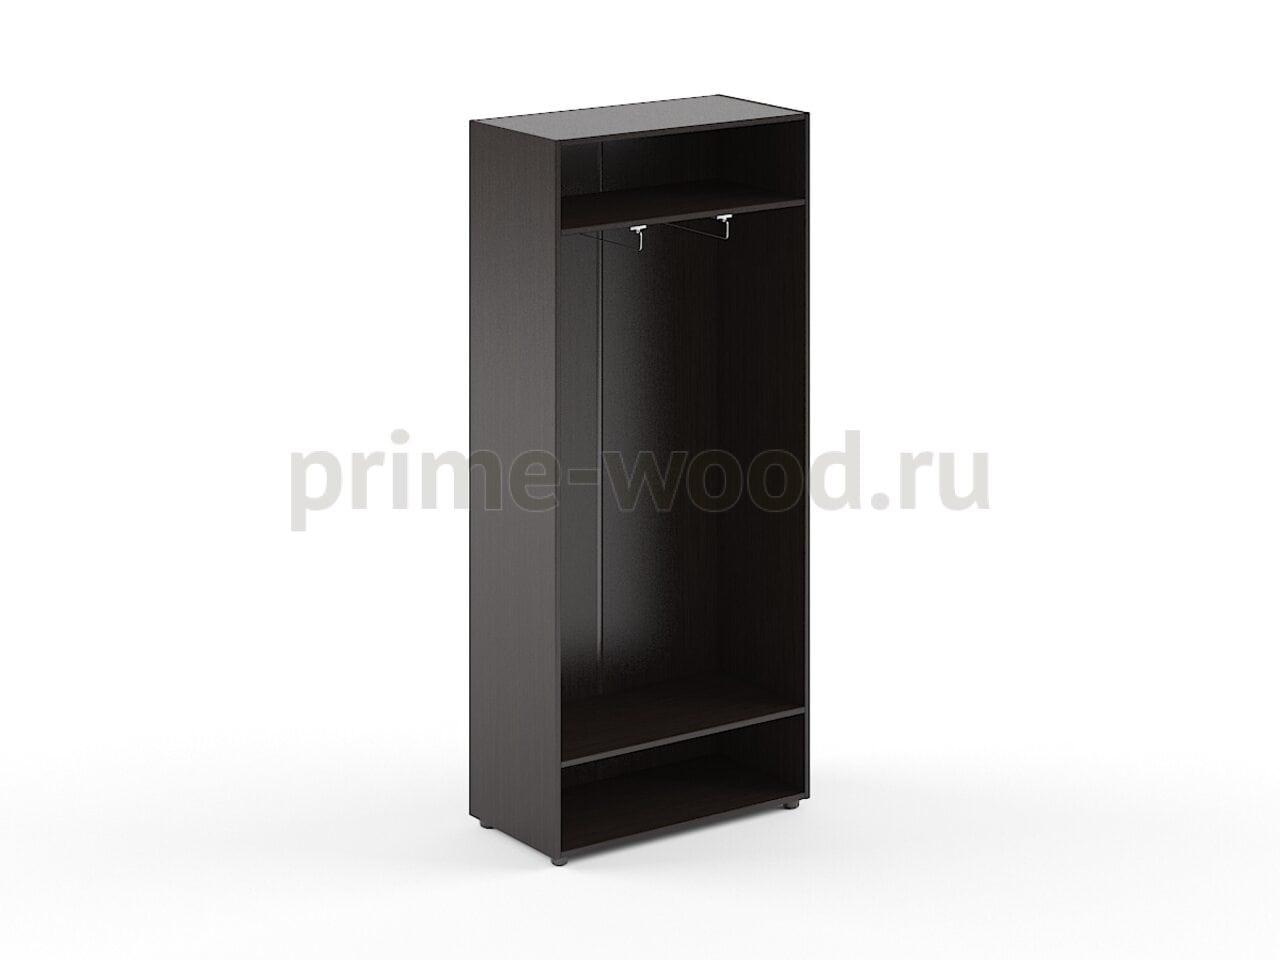 Каркас гардероба - фото 3